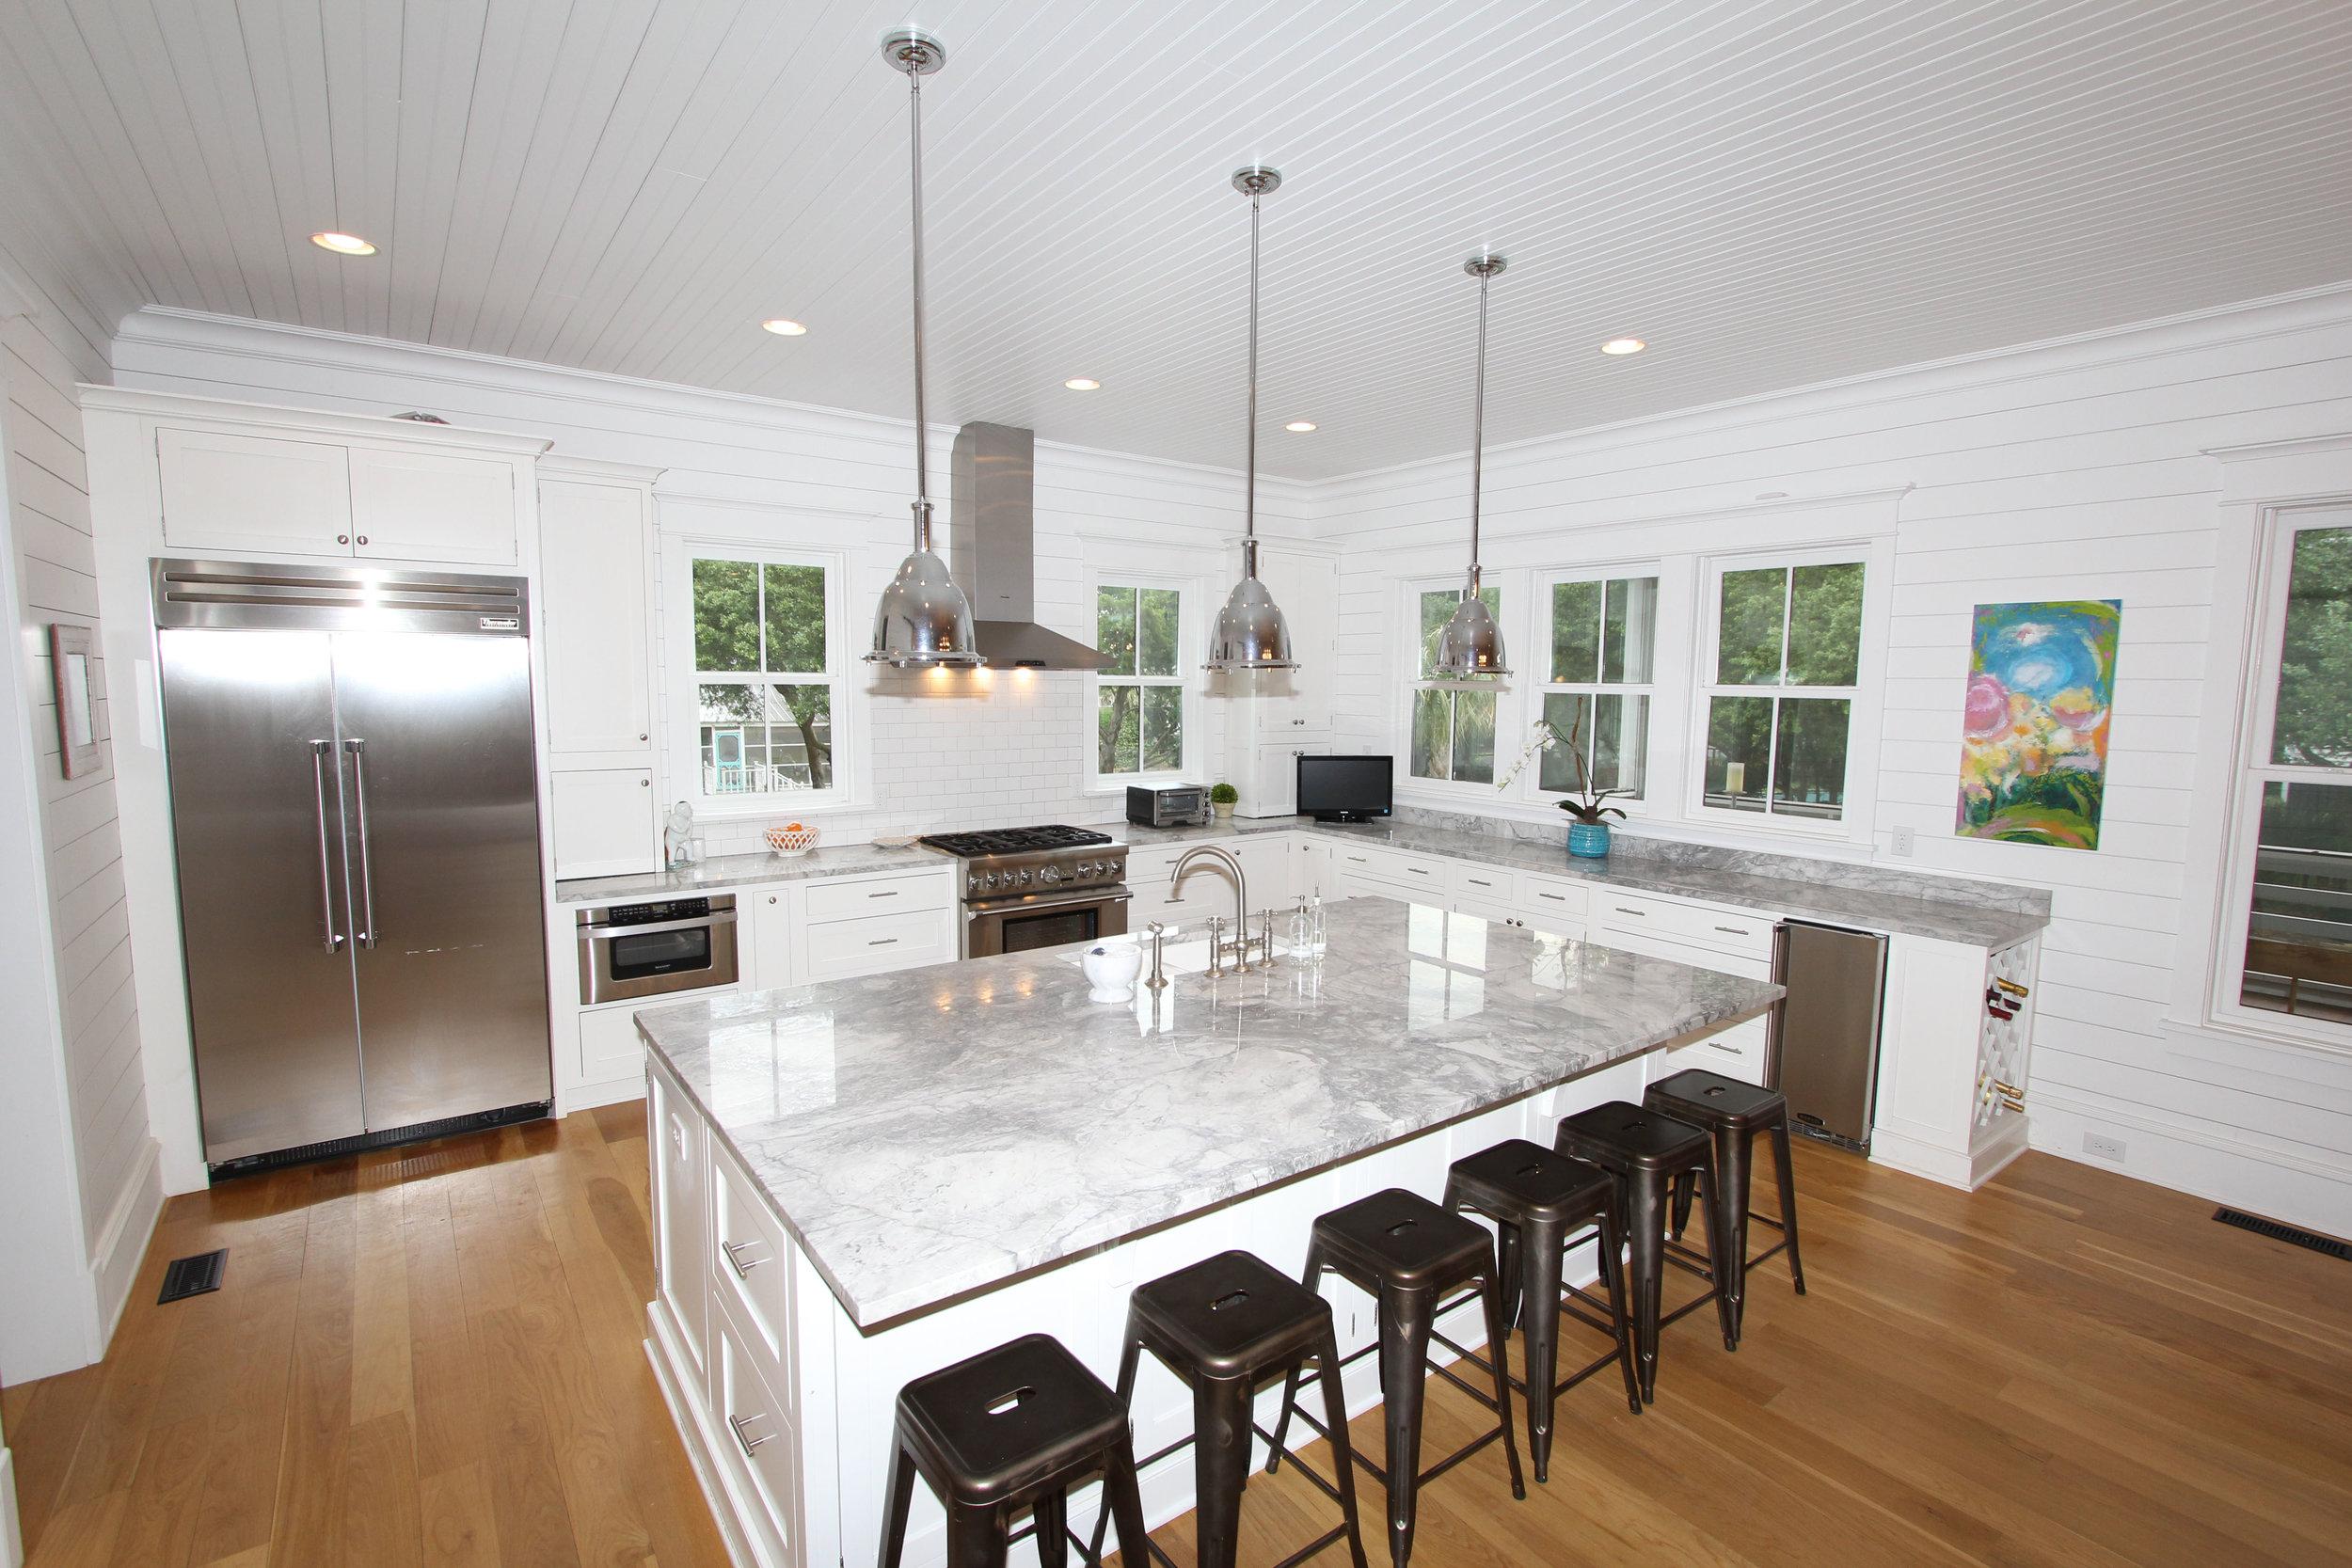 kitchen - view 3.jpg